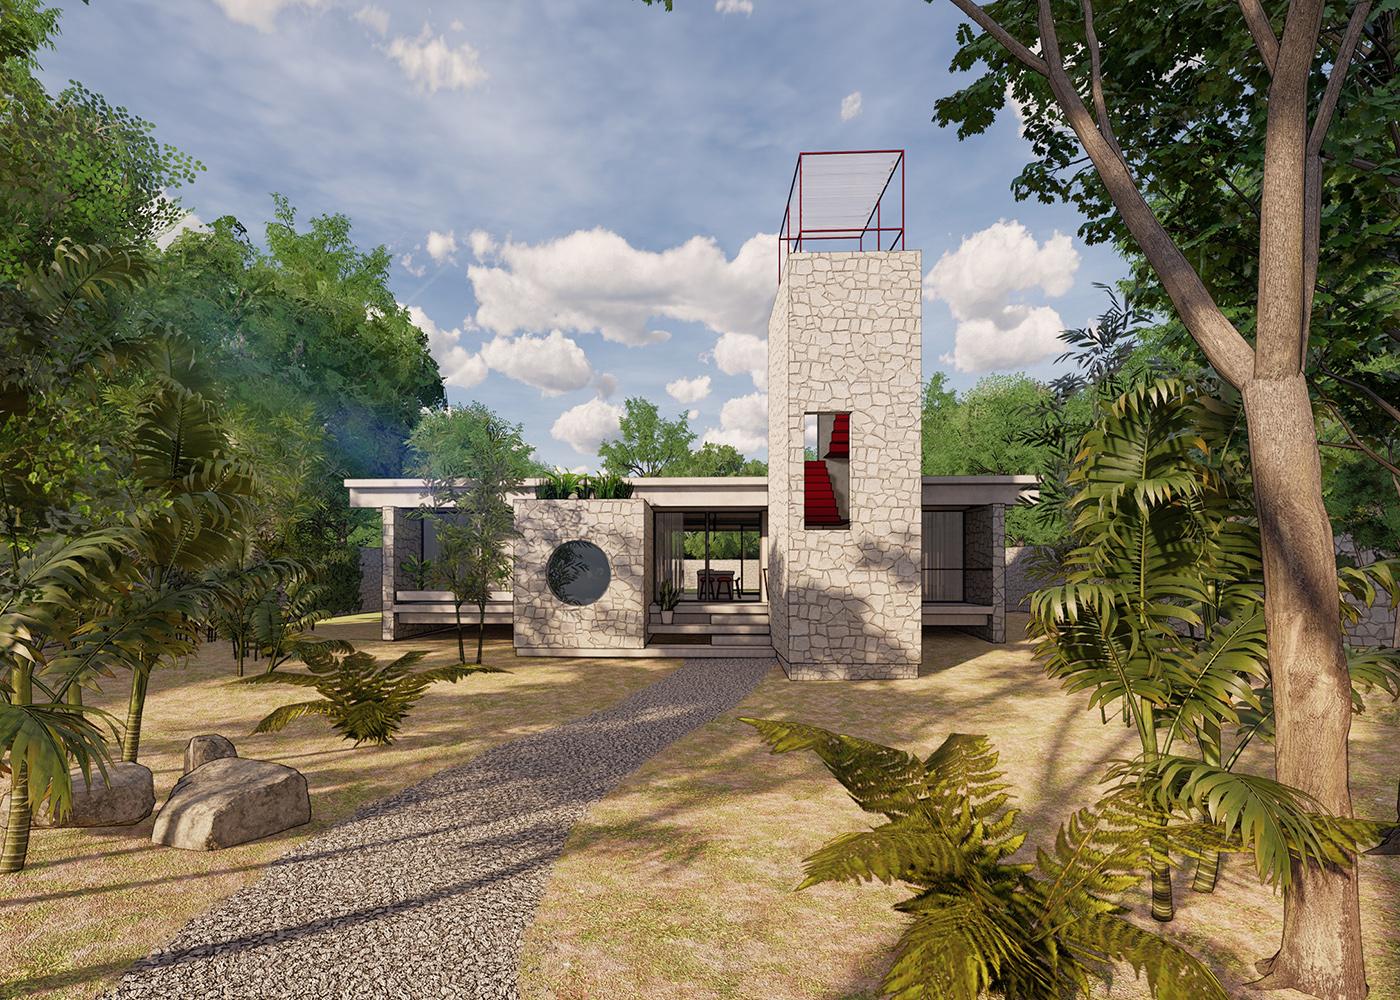 noiz-architekti-vila-tulum-mexiko-01